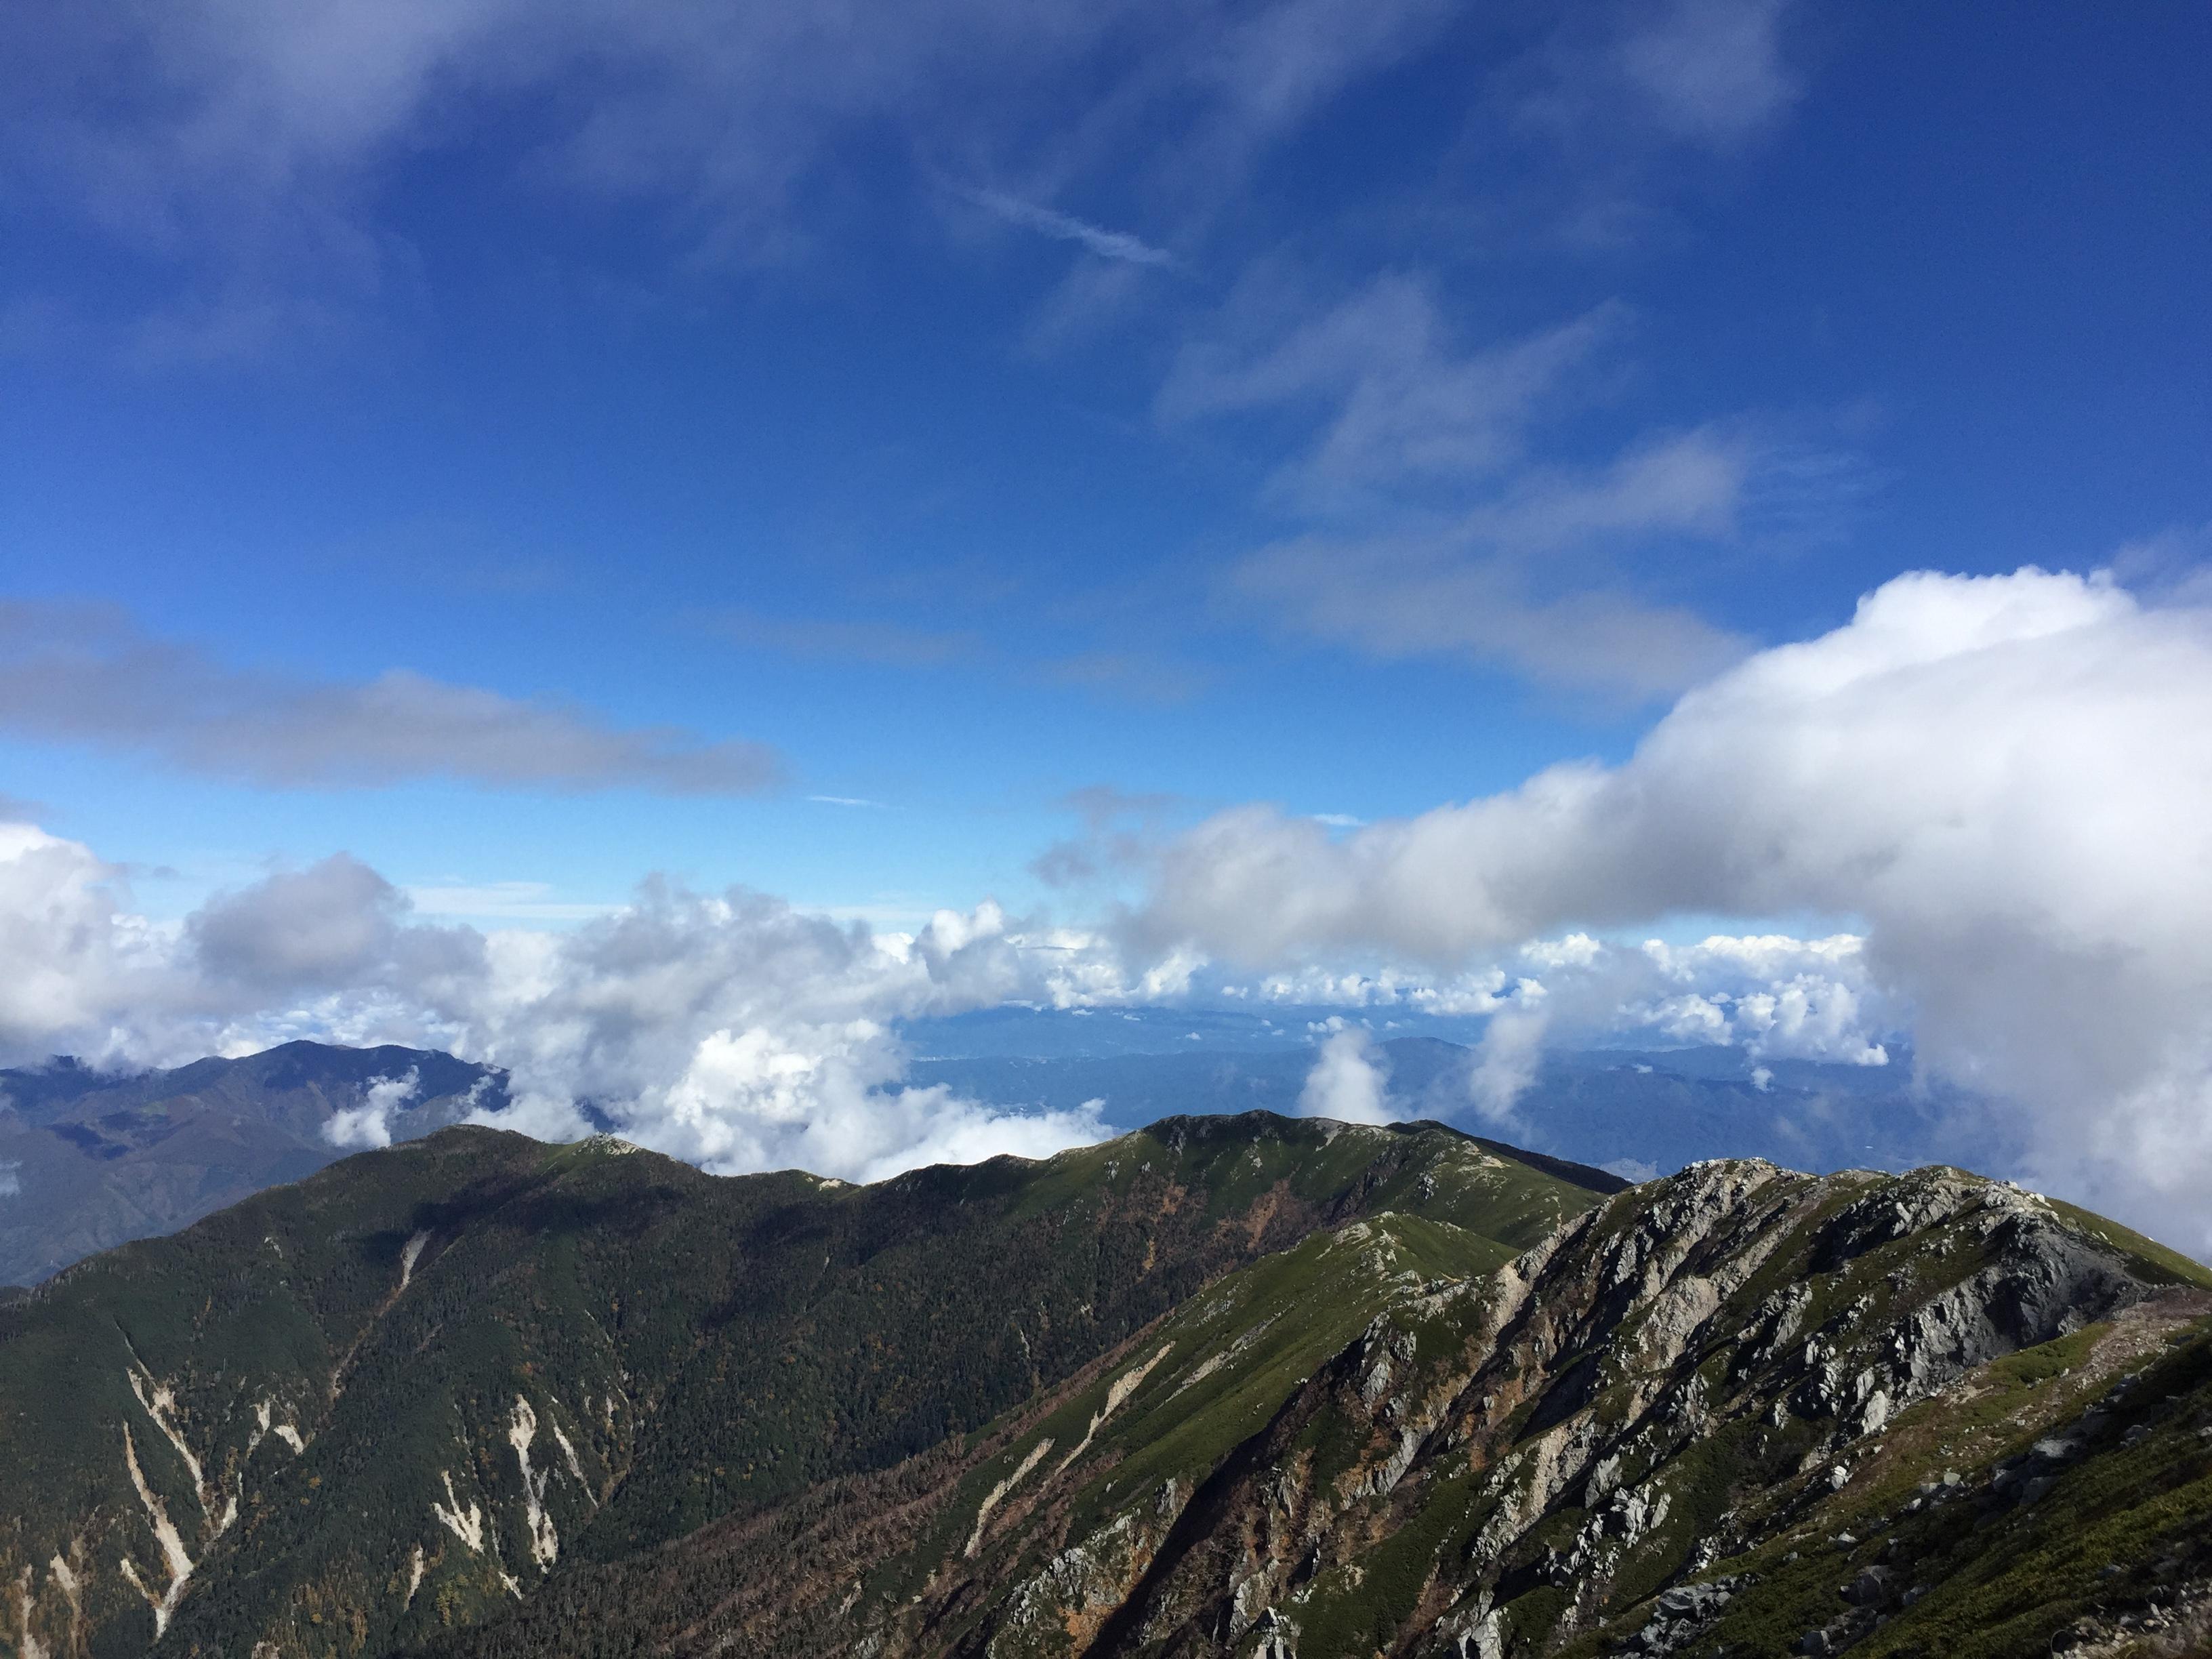 木曽駒ケ岳山頂に登ってきました